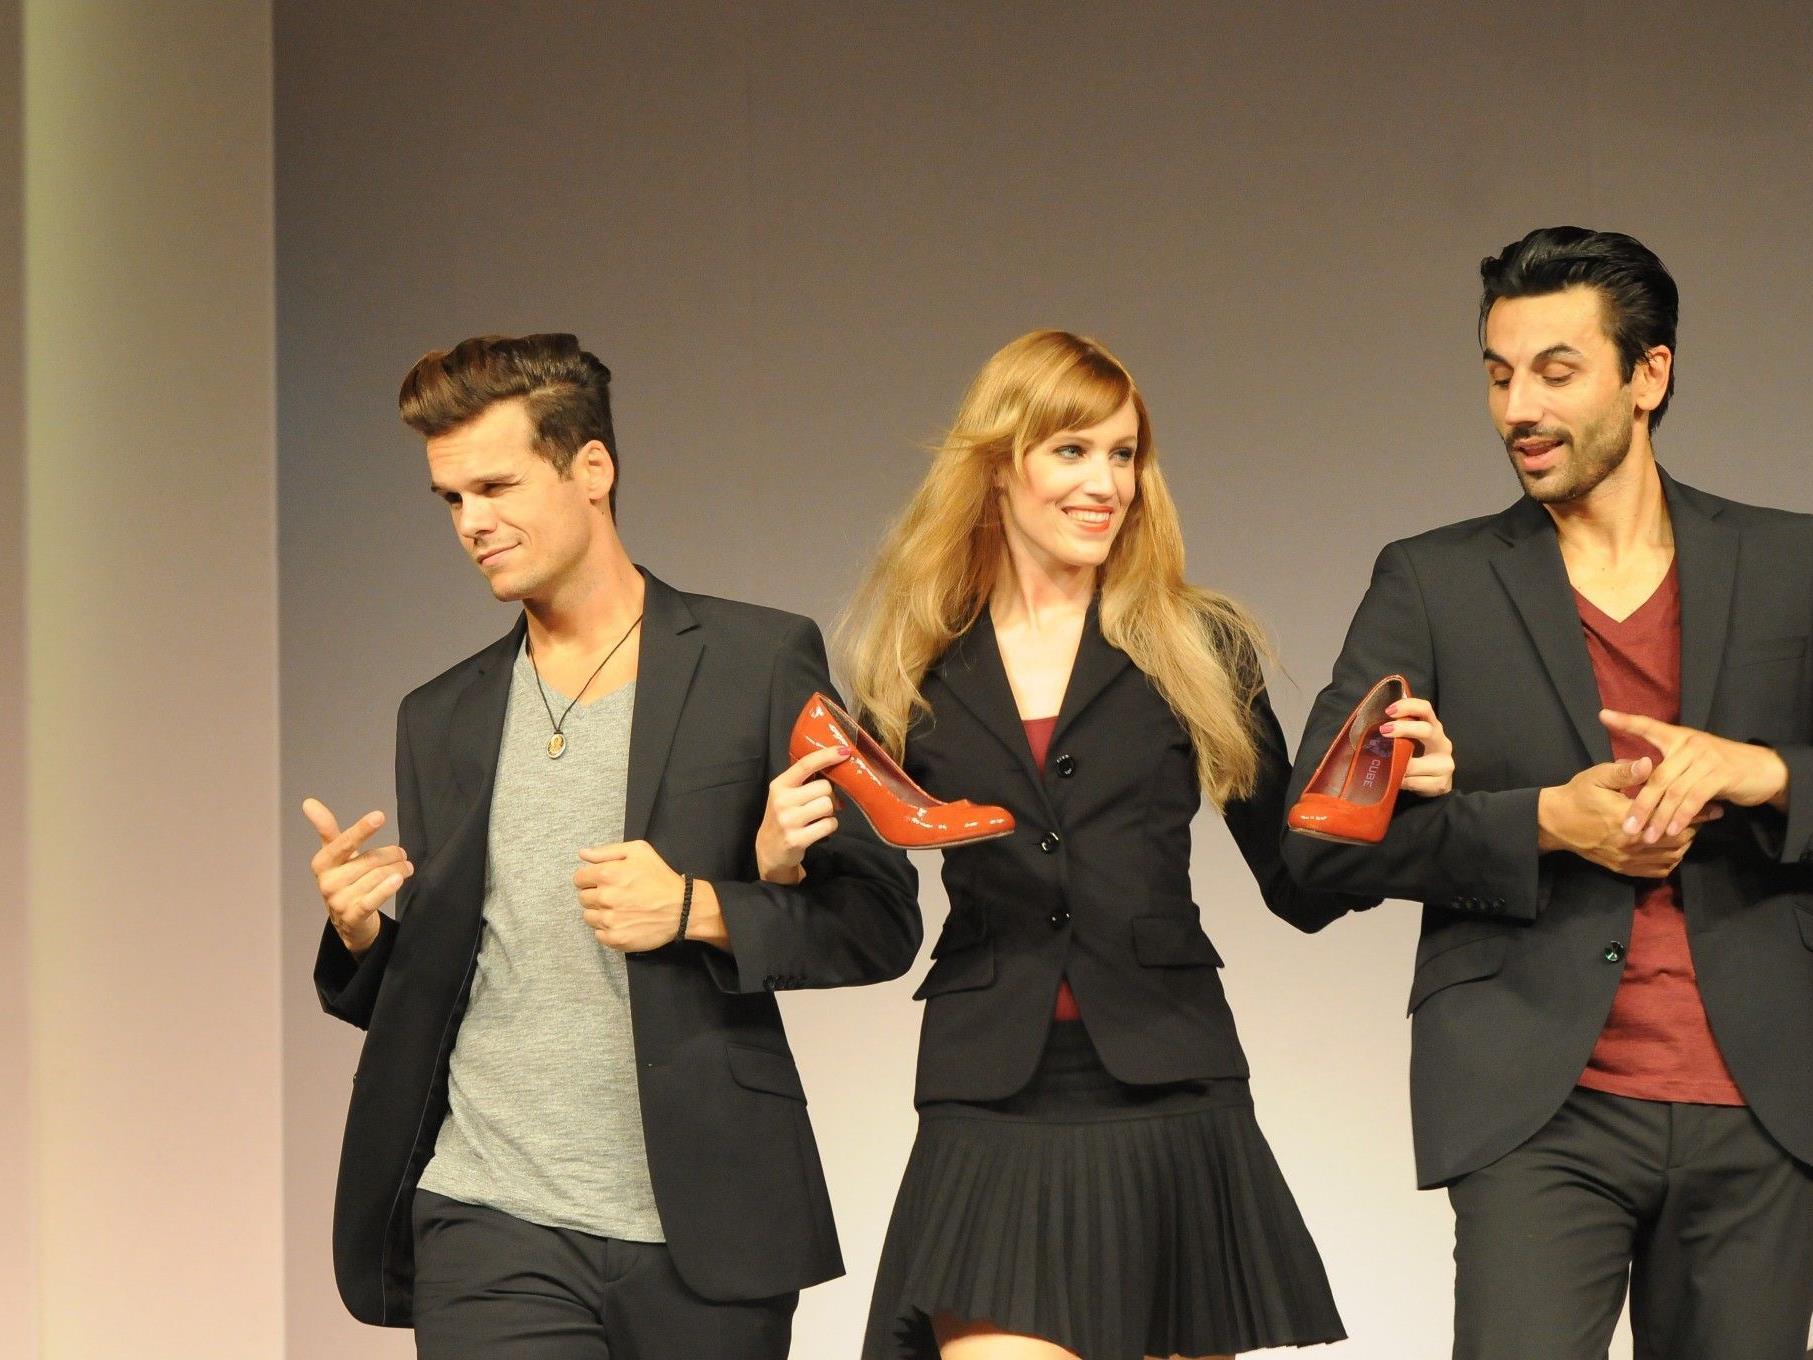 Die Hypo-Modeschau präsentiert auf originelle Weise die neuesten Trends.